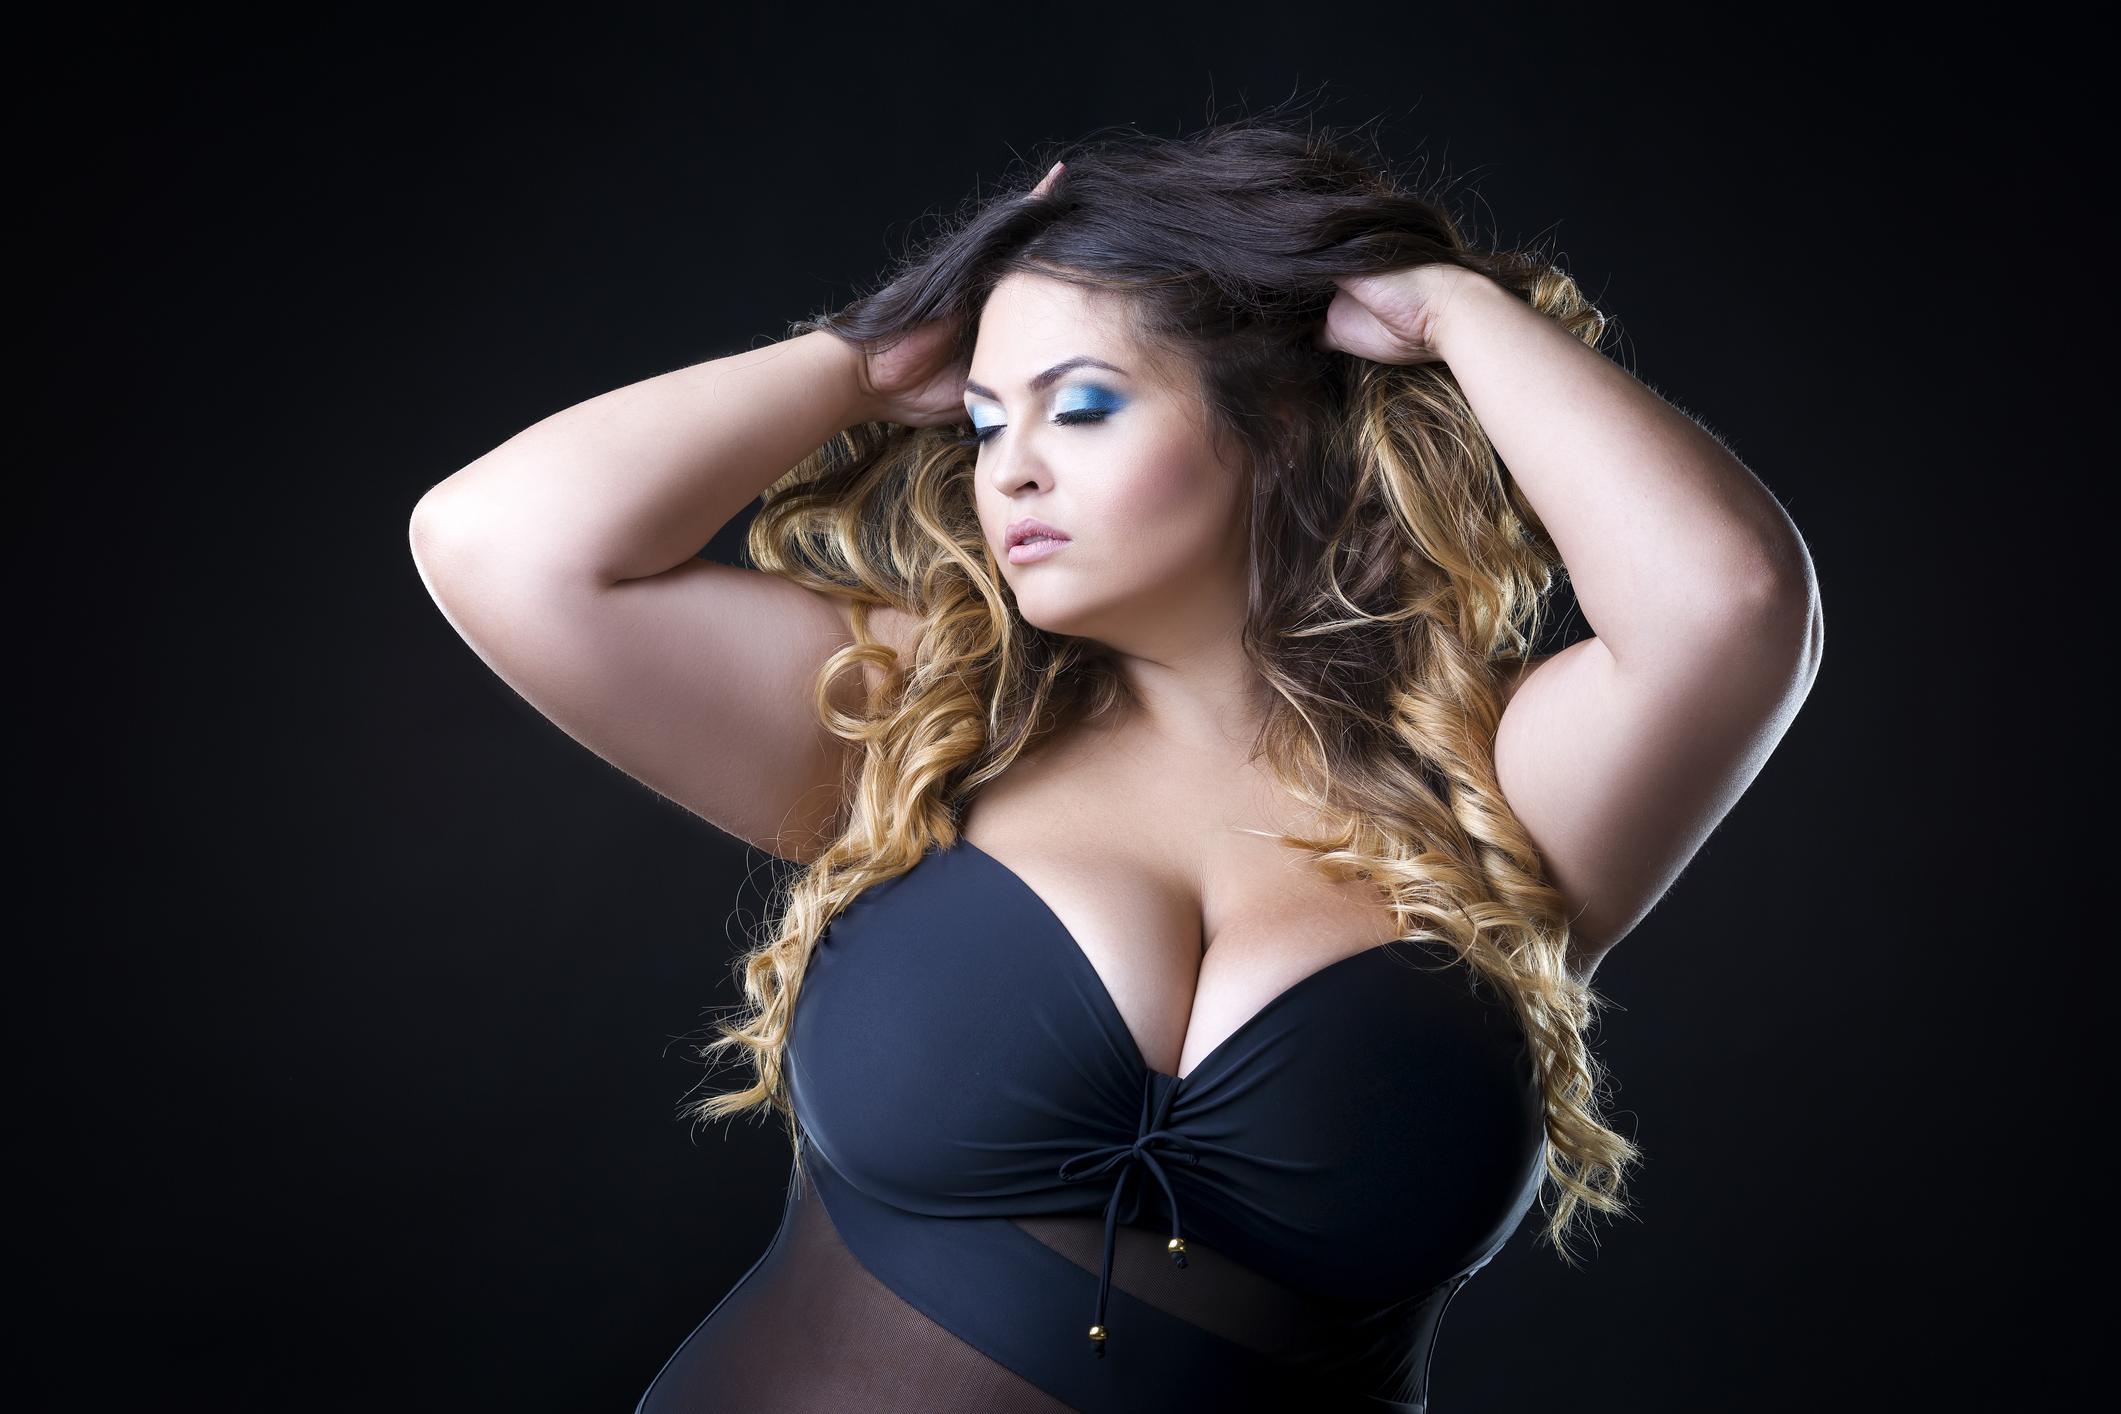 catia-pompoarismo-Curvy Girl Sexy empoderada